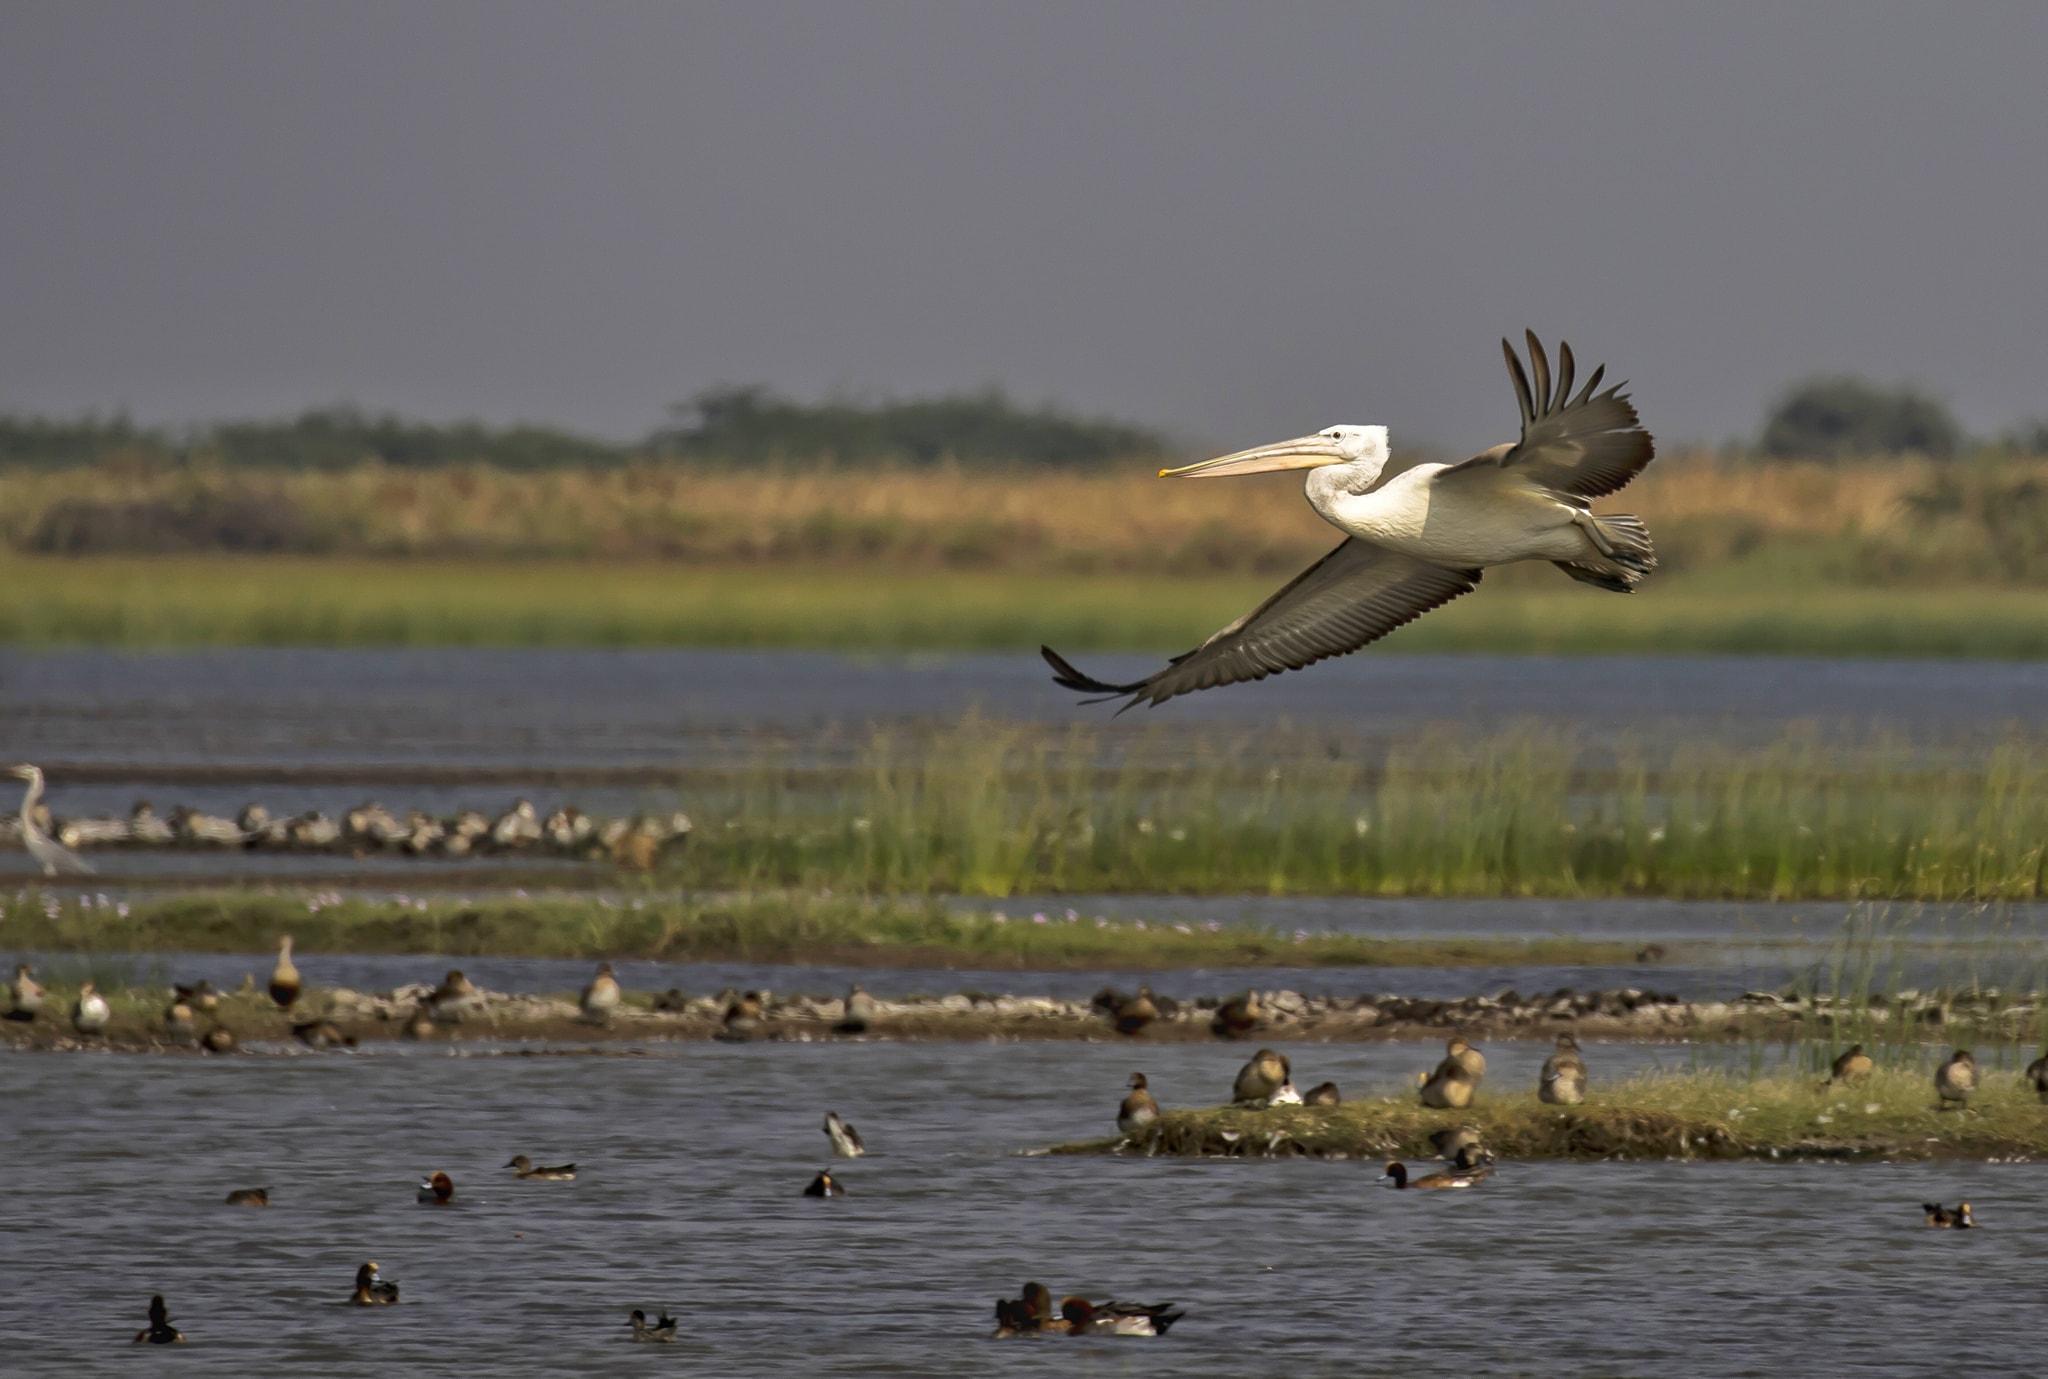 પક્ષીઓ નિહાળવા માટે ગુજરાતમાં વિવિધ જળ પ્વલિત વિસ્તાર આવેલા છે